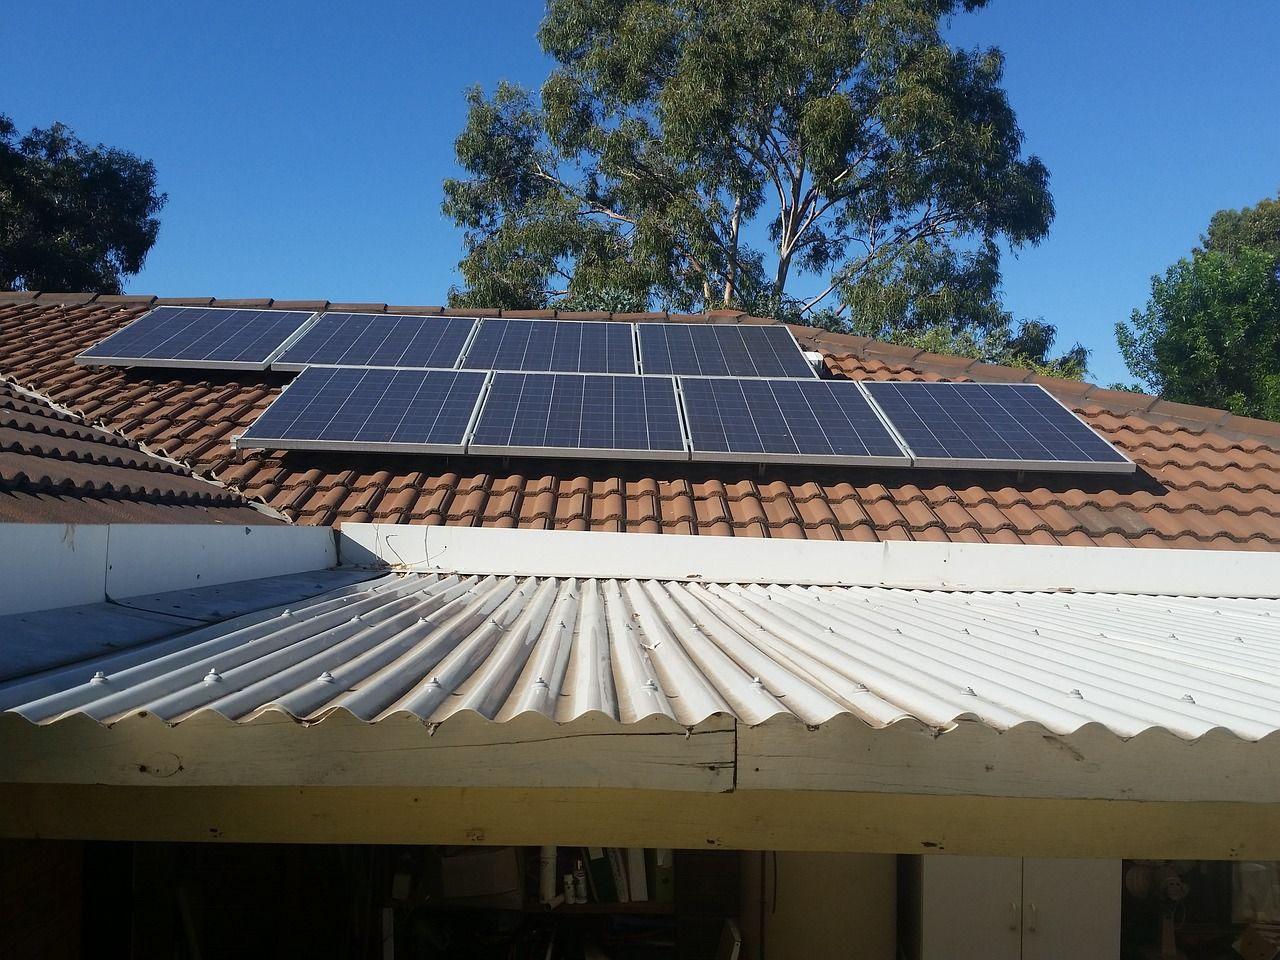 Jakie koszty są związane z instalacją paneli fotowoltaicznych?